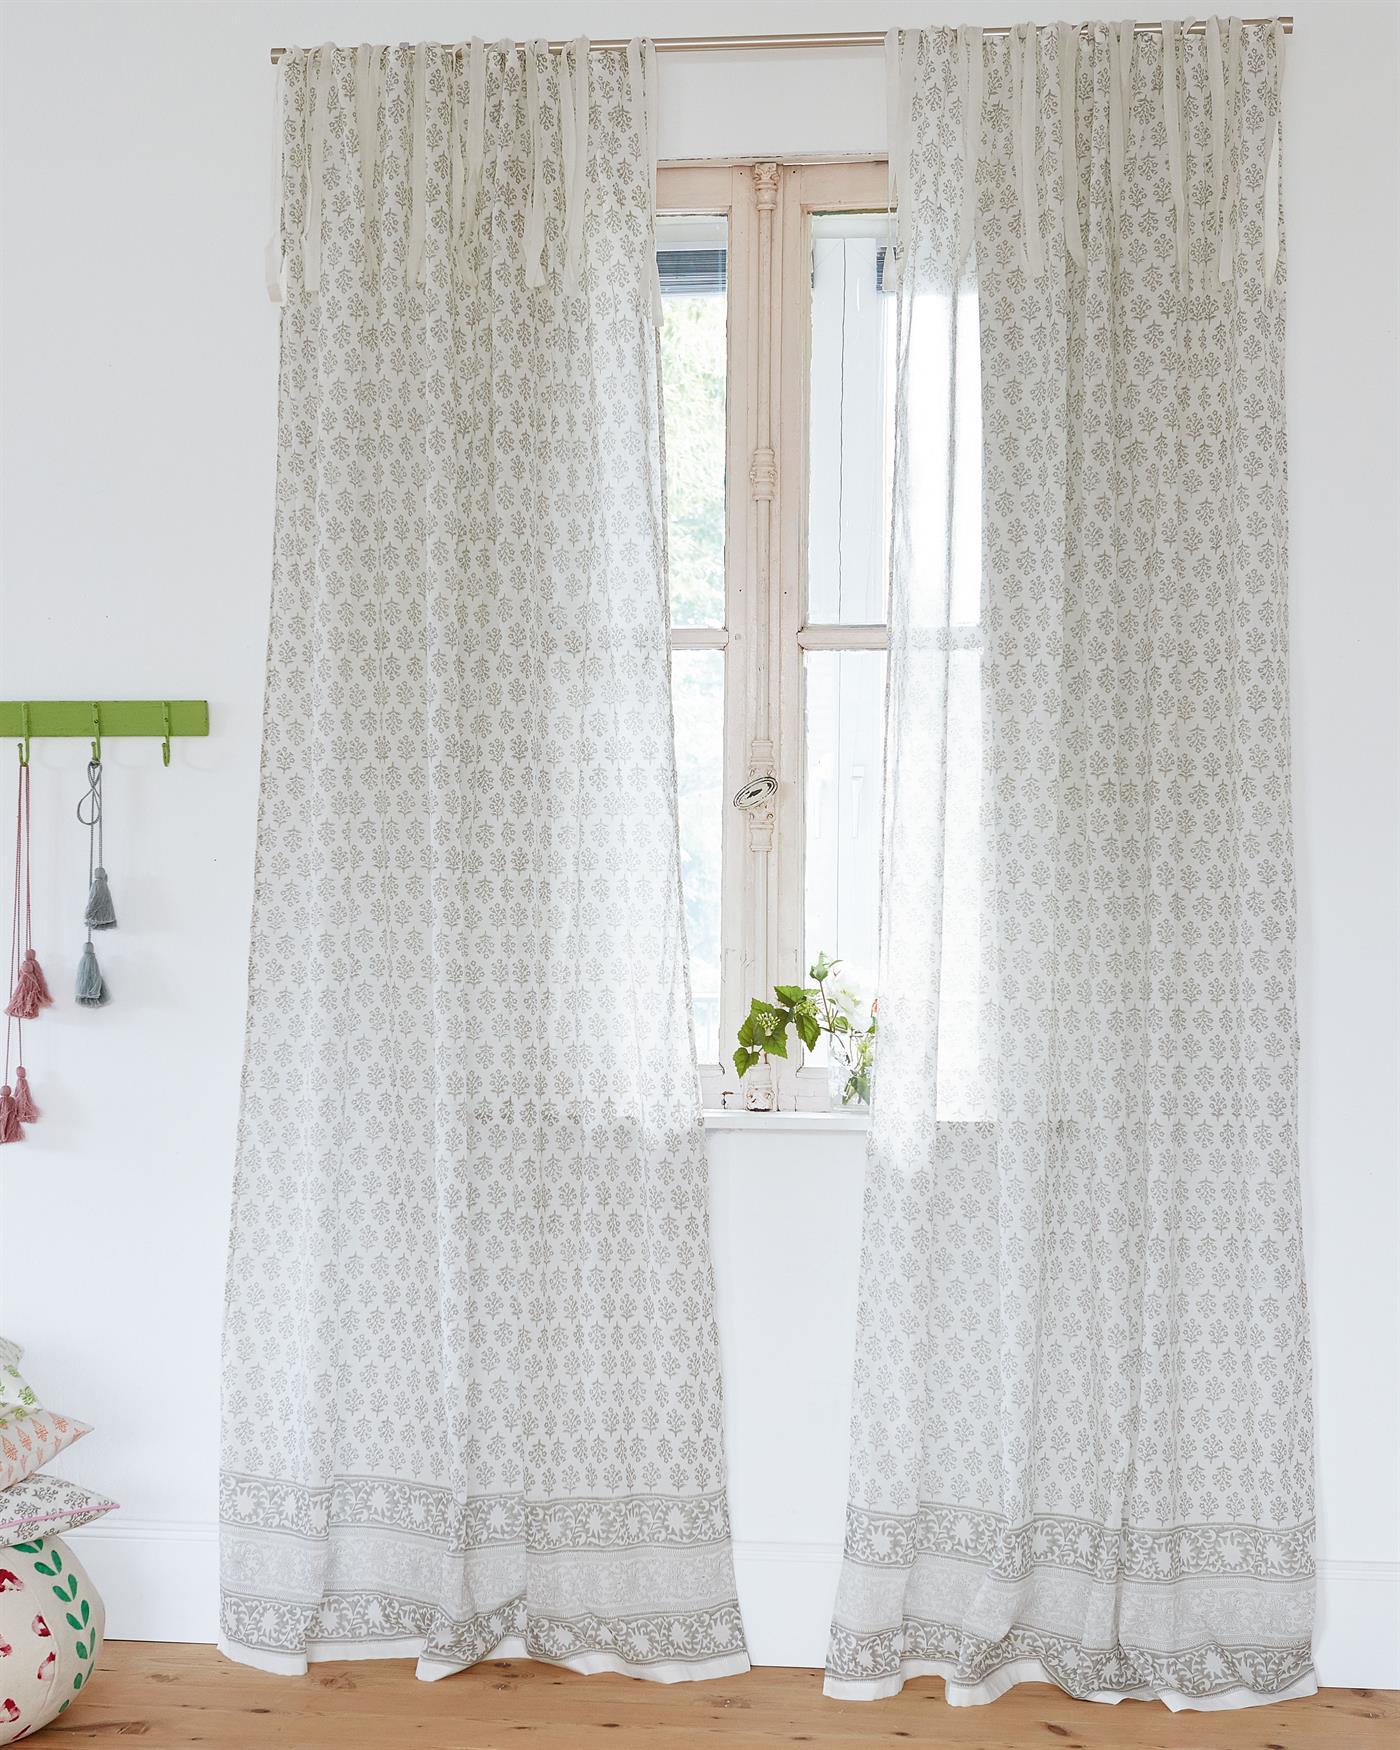 Transparente Vorhange Finden Sie Hier Vossberg De